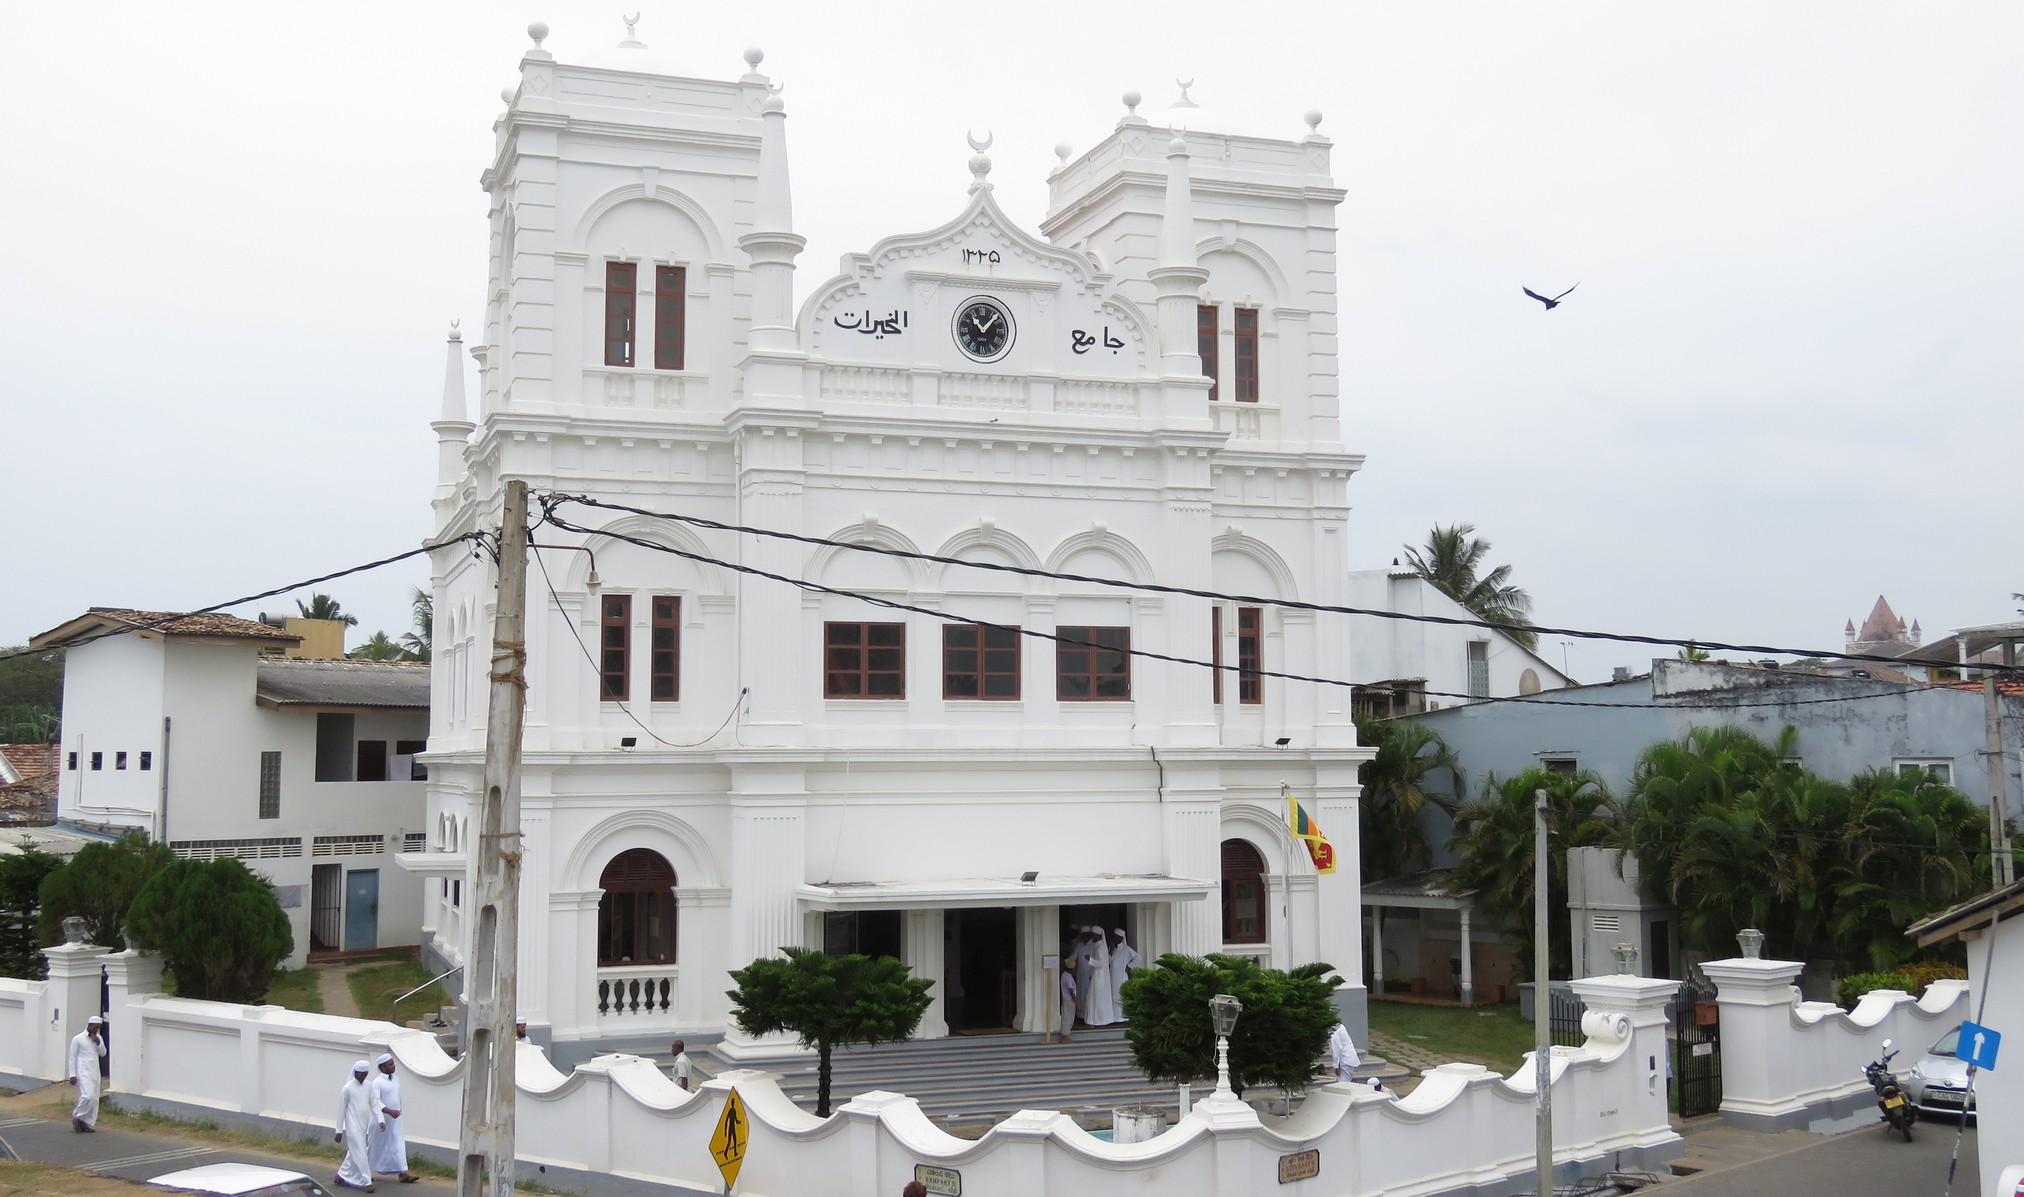 Moskee in Sri Lanka